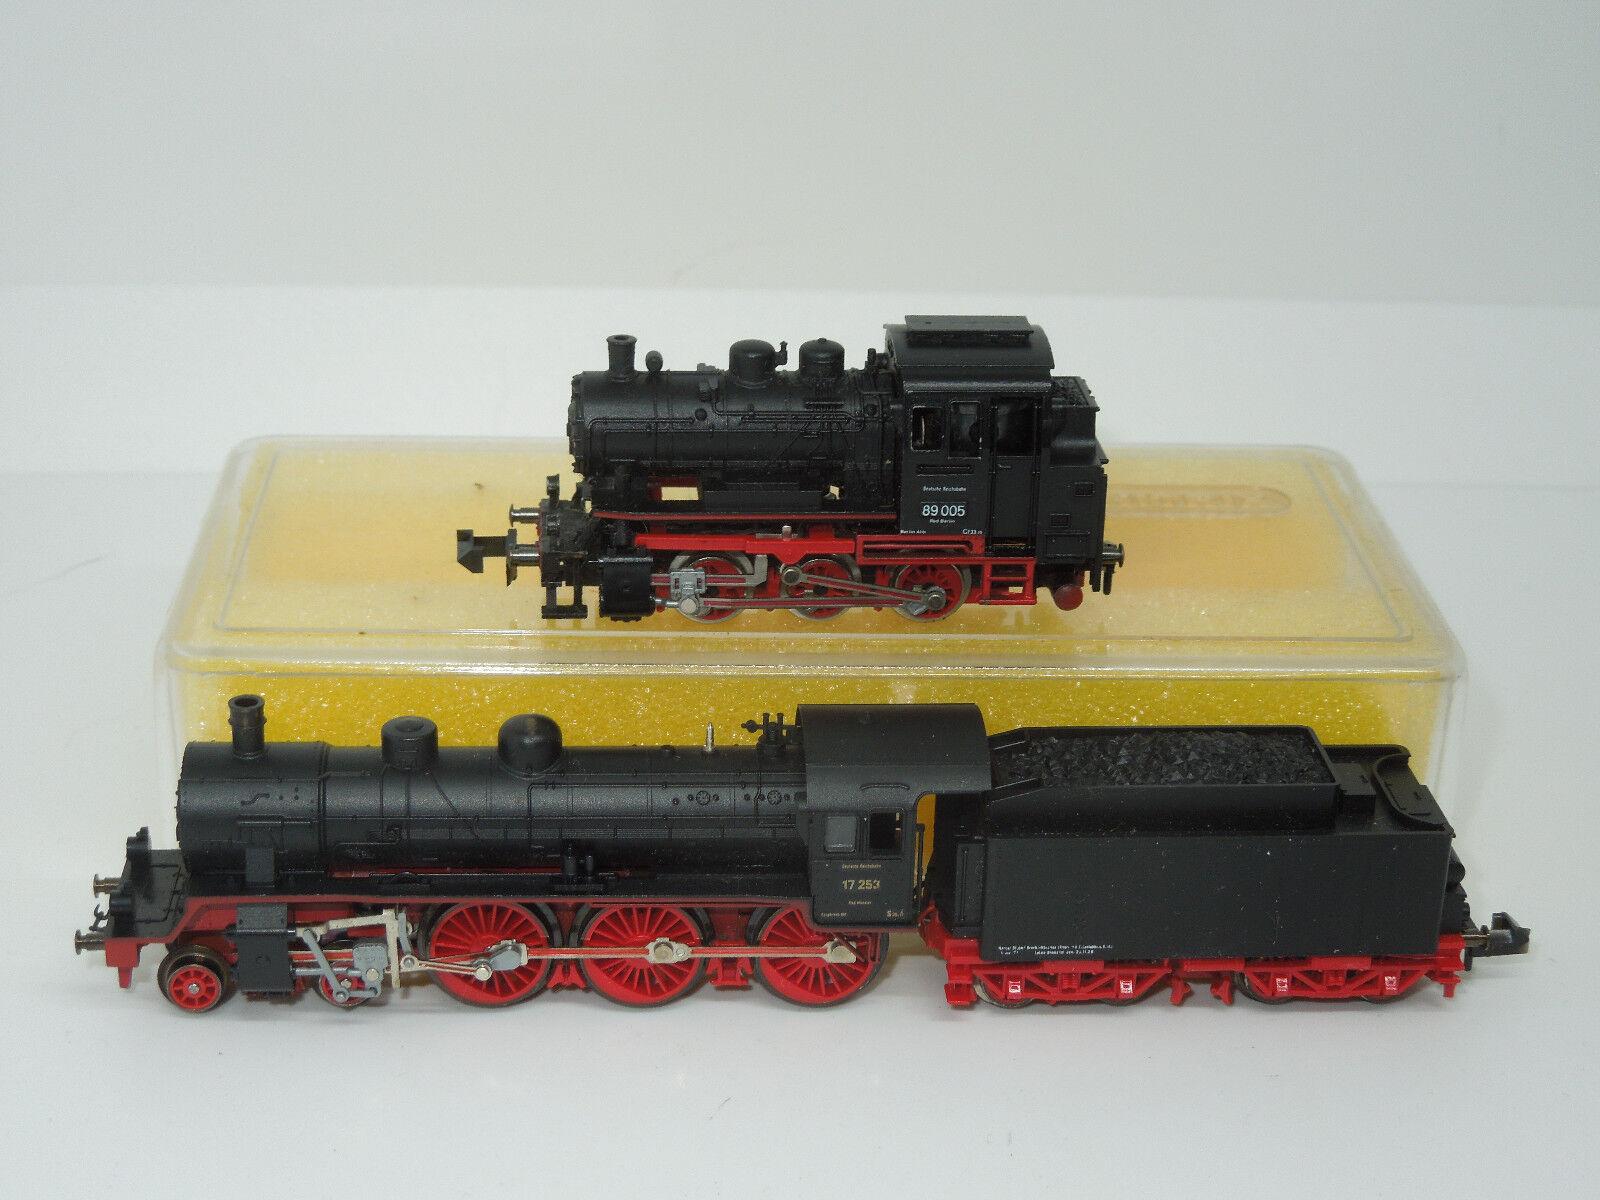 Minitrix pista n 2 máquinas de vapor 17 br y br 89